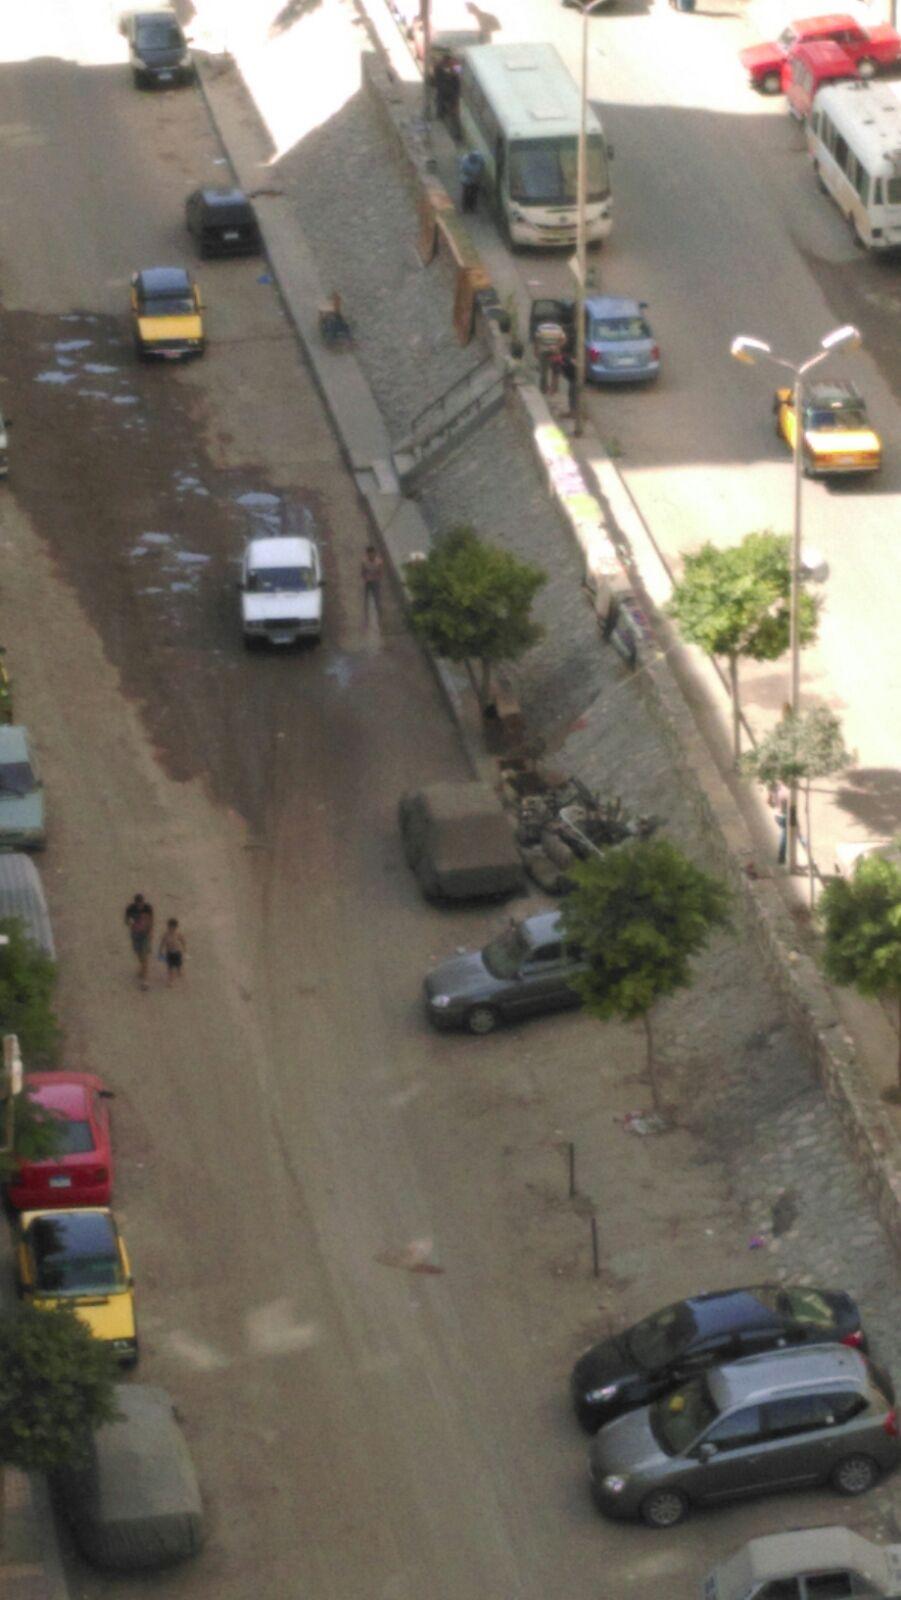 بالصور.. غسيل السيارات بمياه وكهرباء مسروقة في شوارع بالإسكندرية